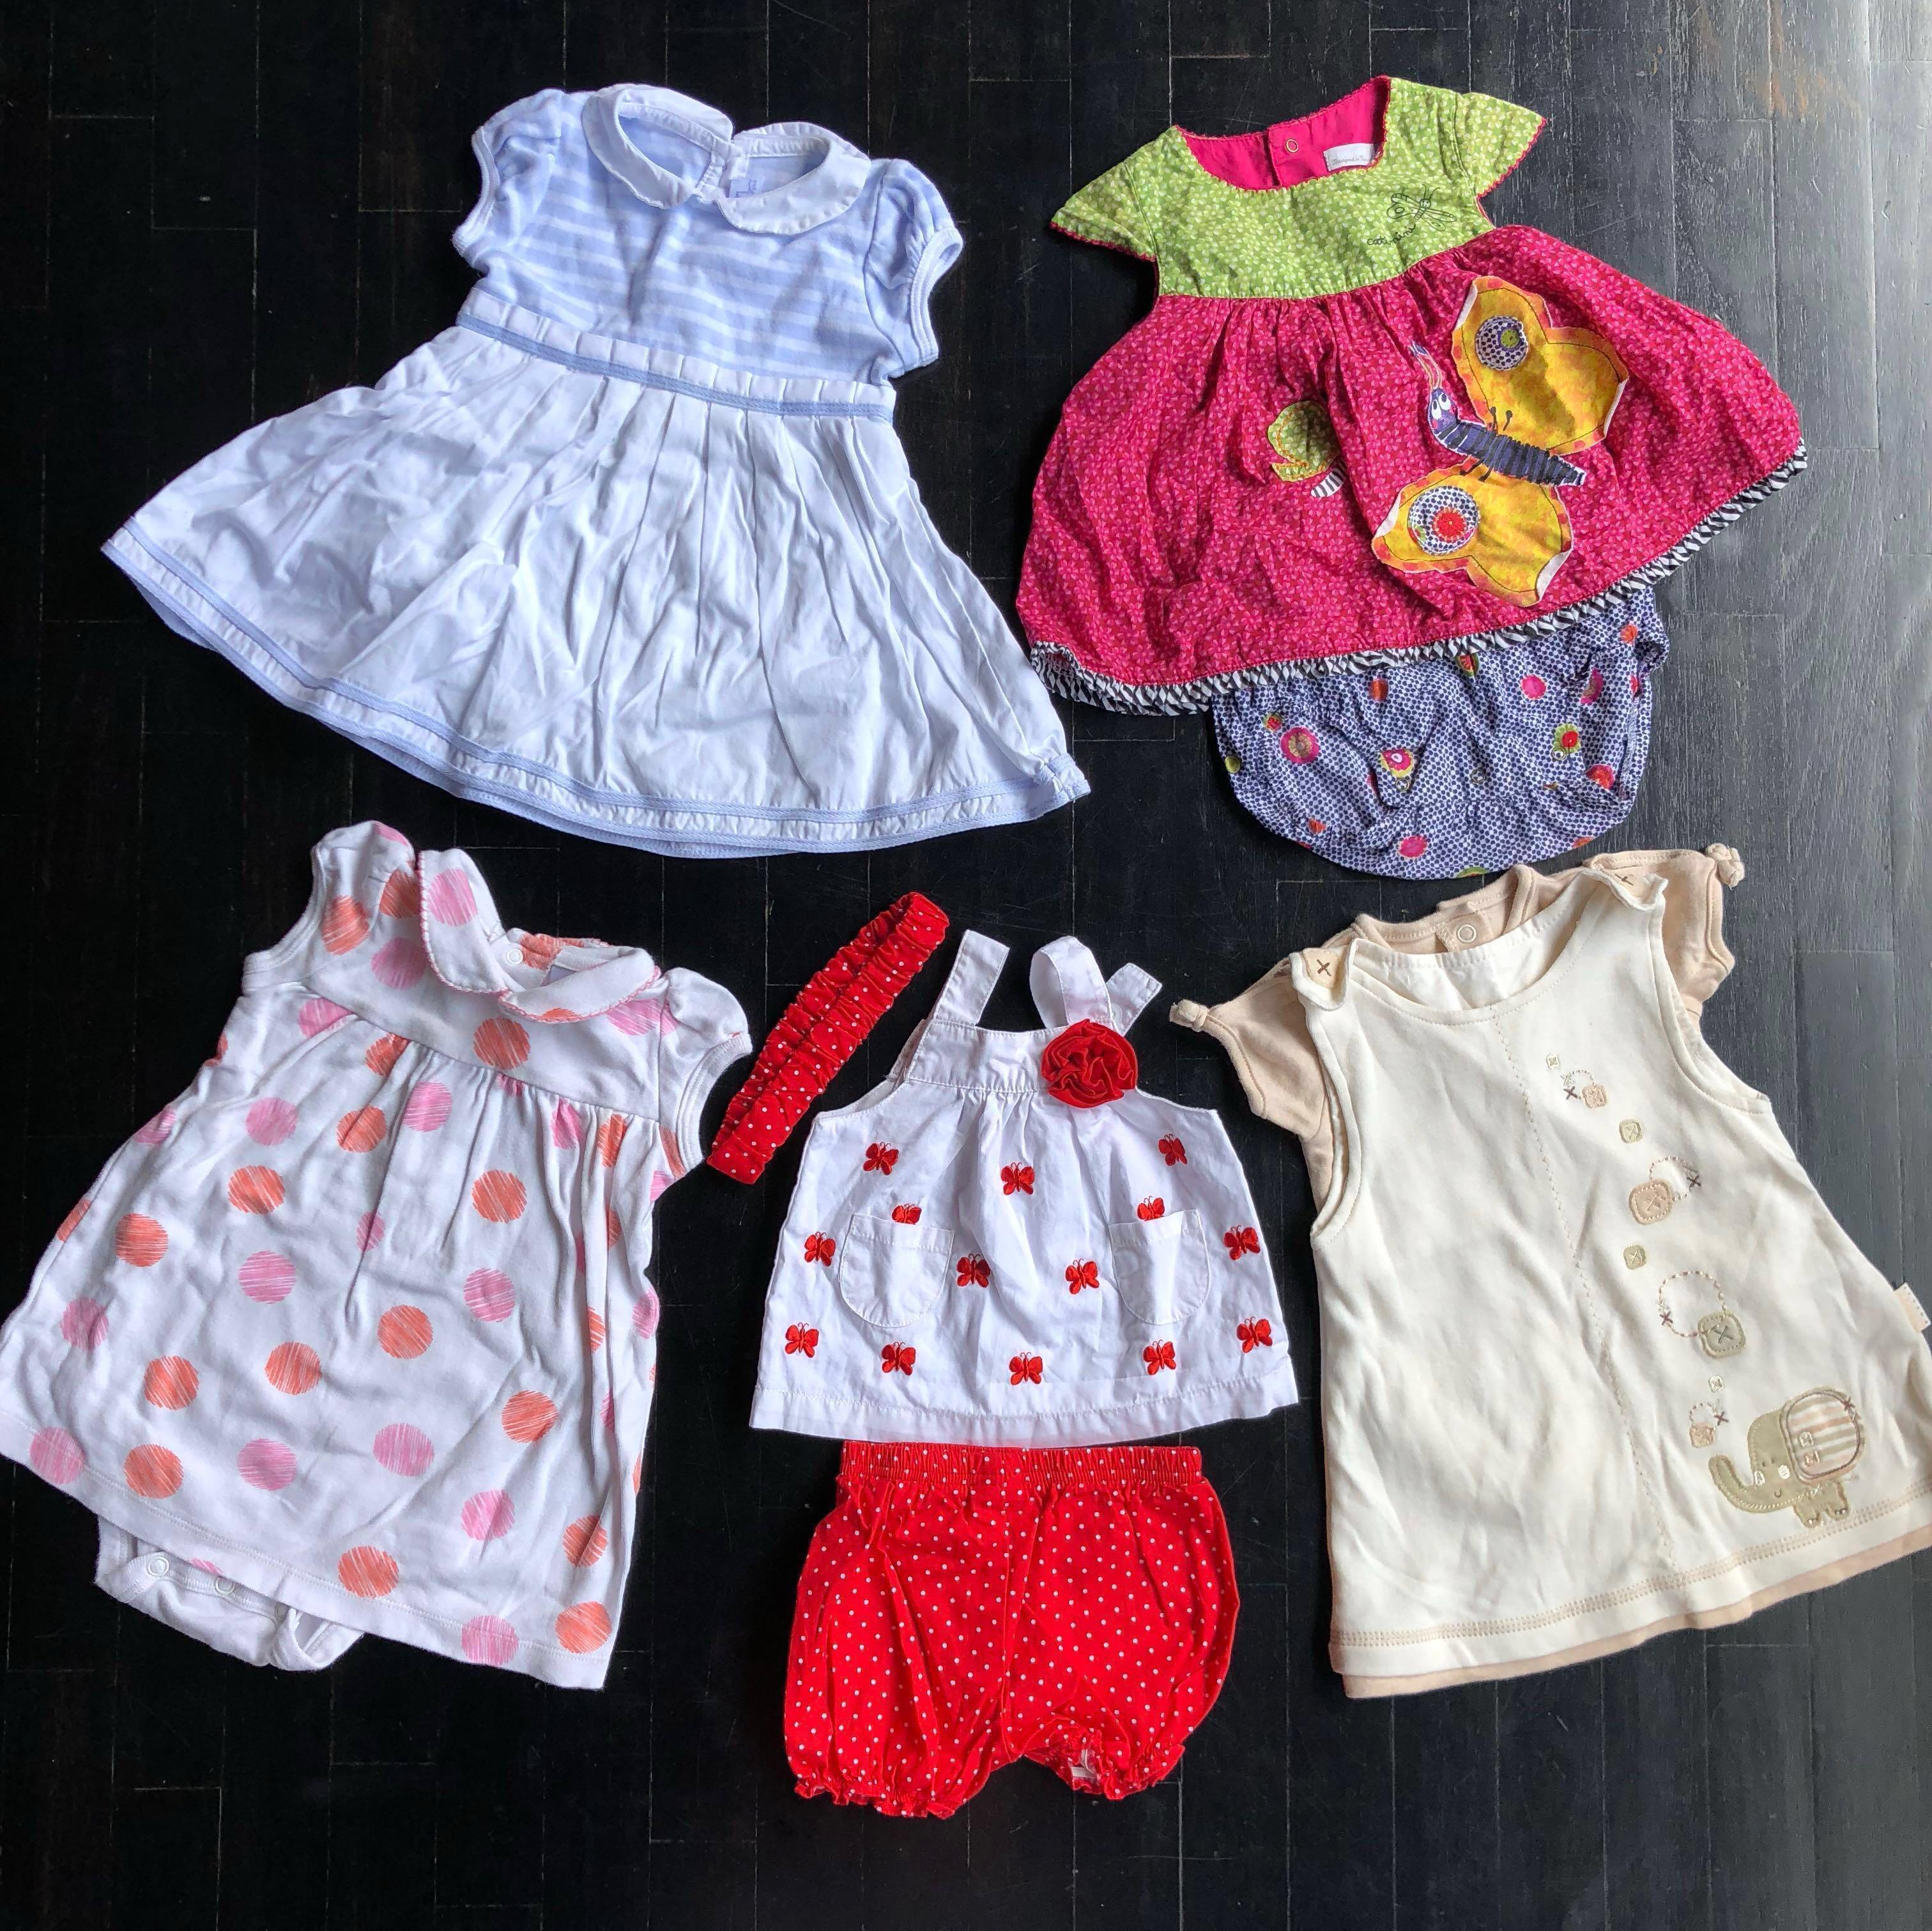 التصوير عاطلين عن العمل عازل baby girl dresses 7 7 months